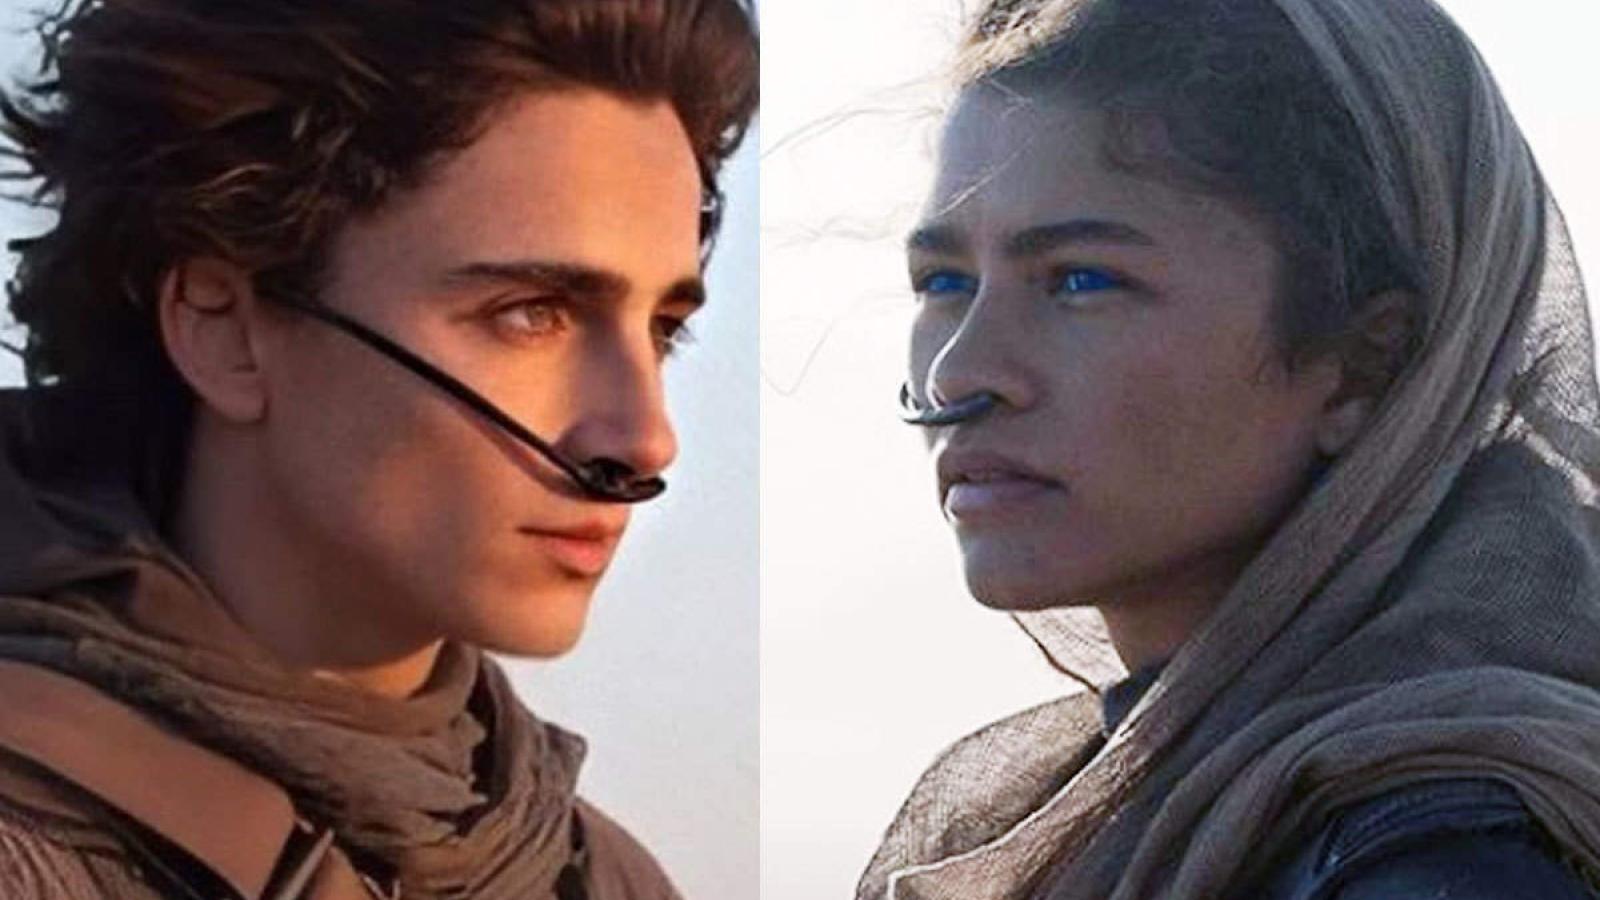 """Mỹ nam Timothée Chalamet """"khoá môi"""" bạn gái Spider-man trong trailer bom tấn """"Dune"""""""